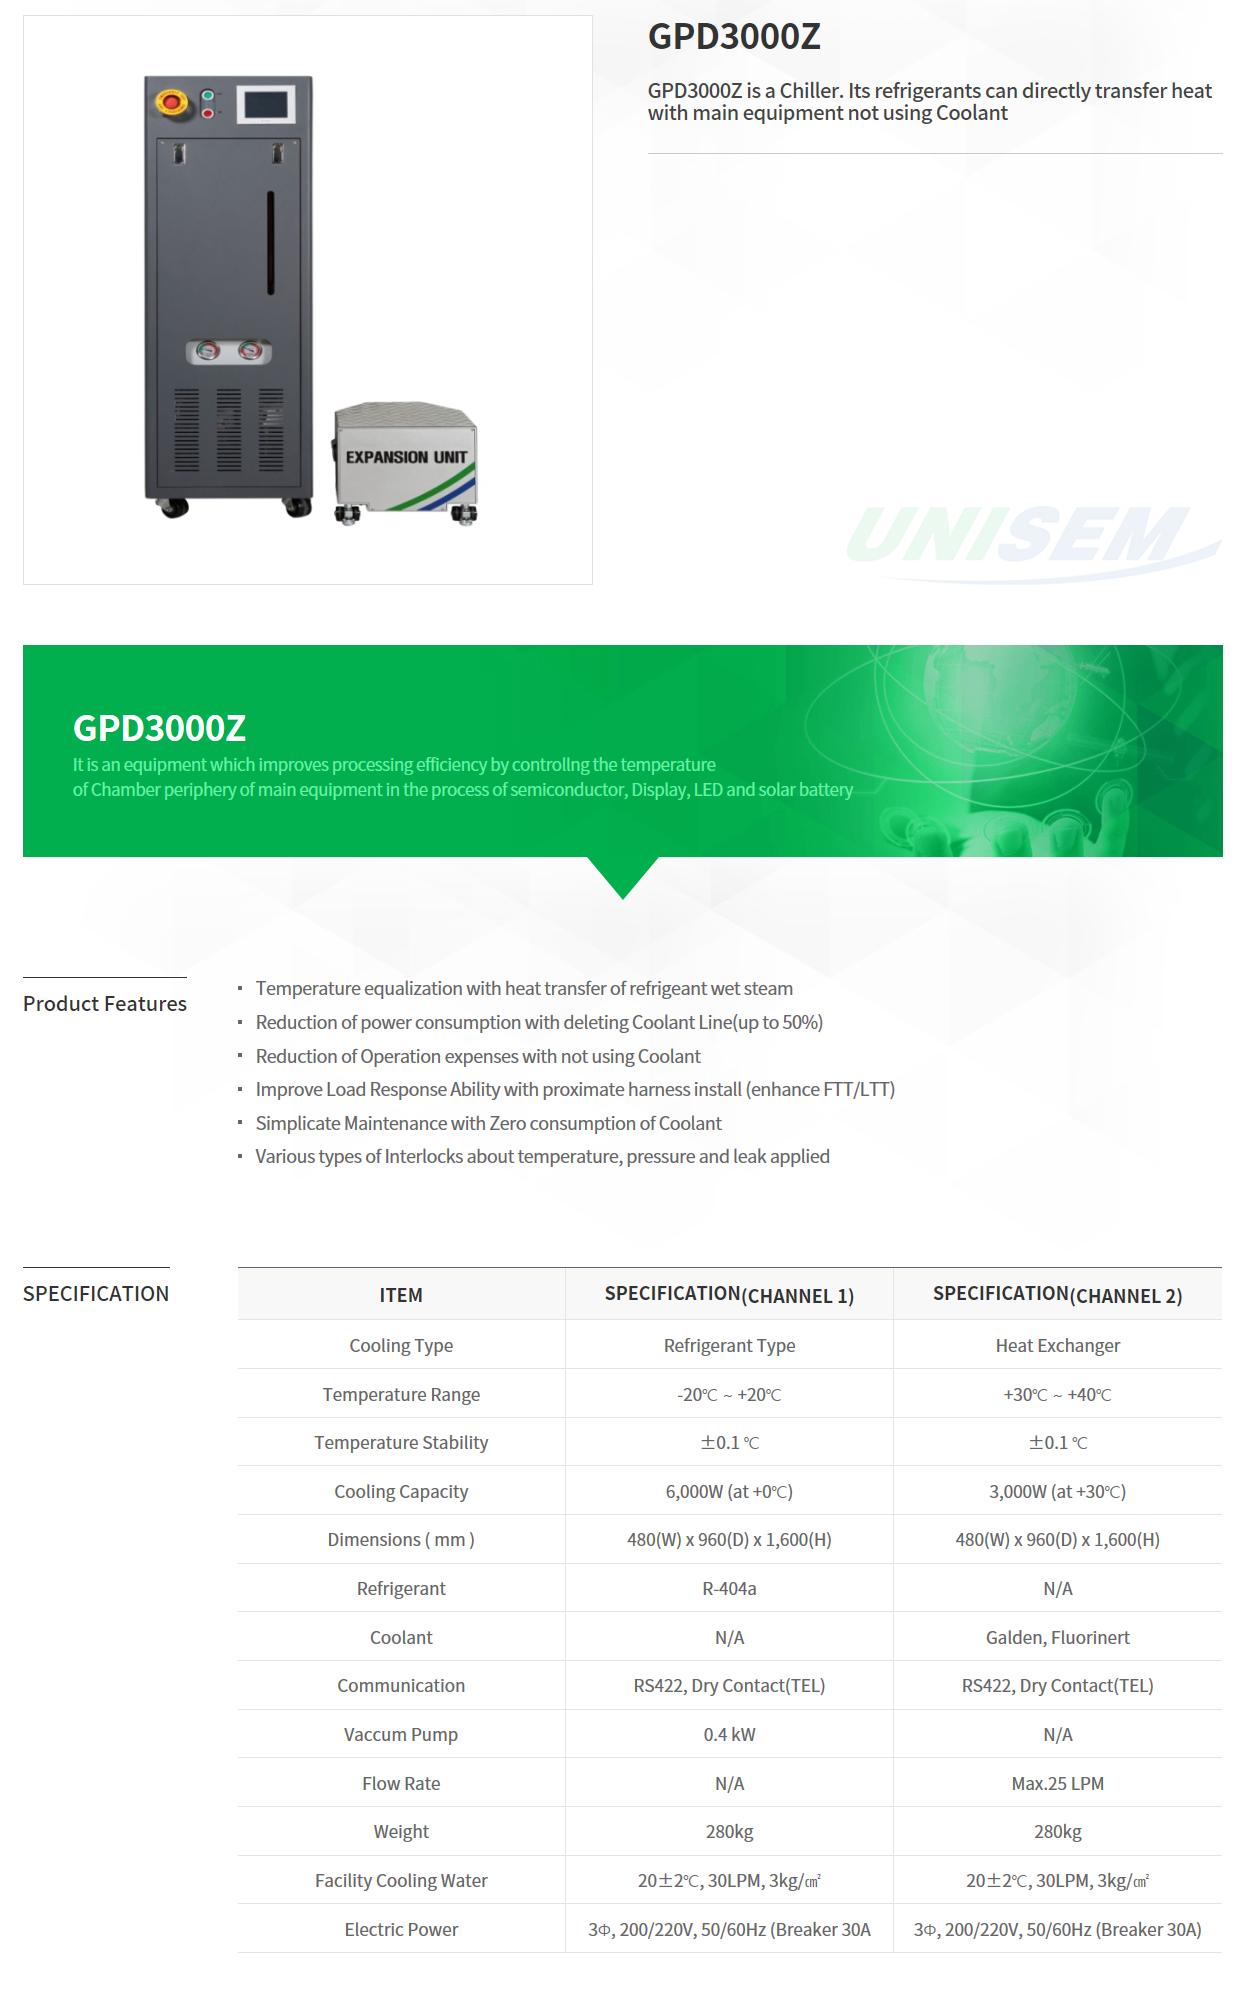 UNISEM Direct Chiller GPD3000Z